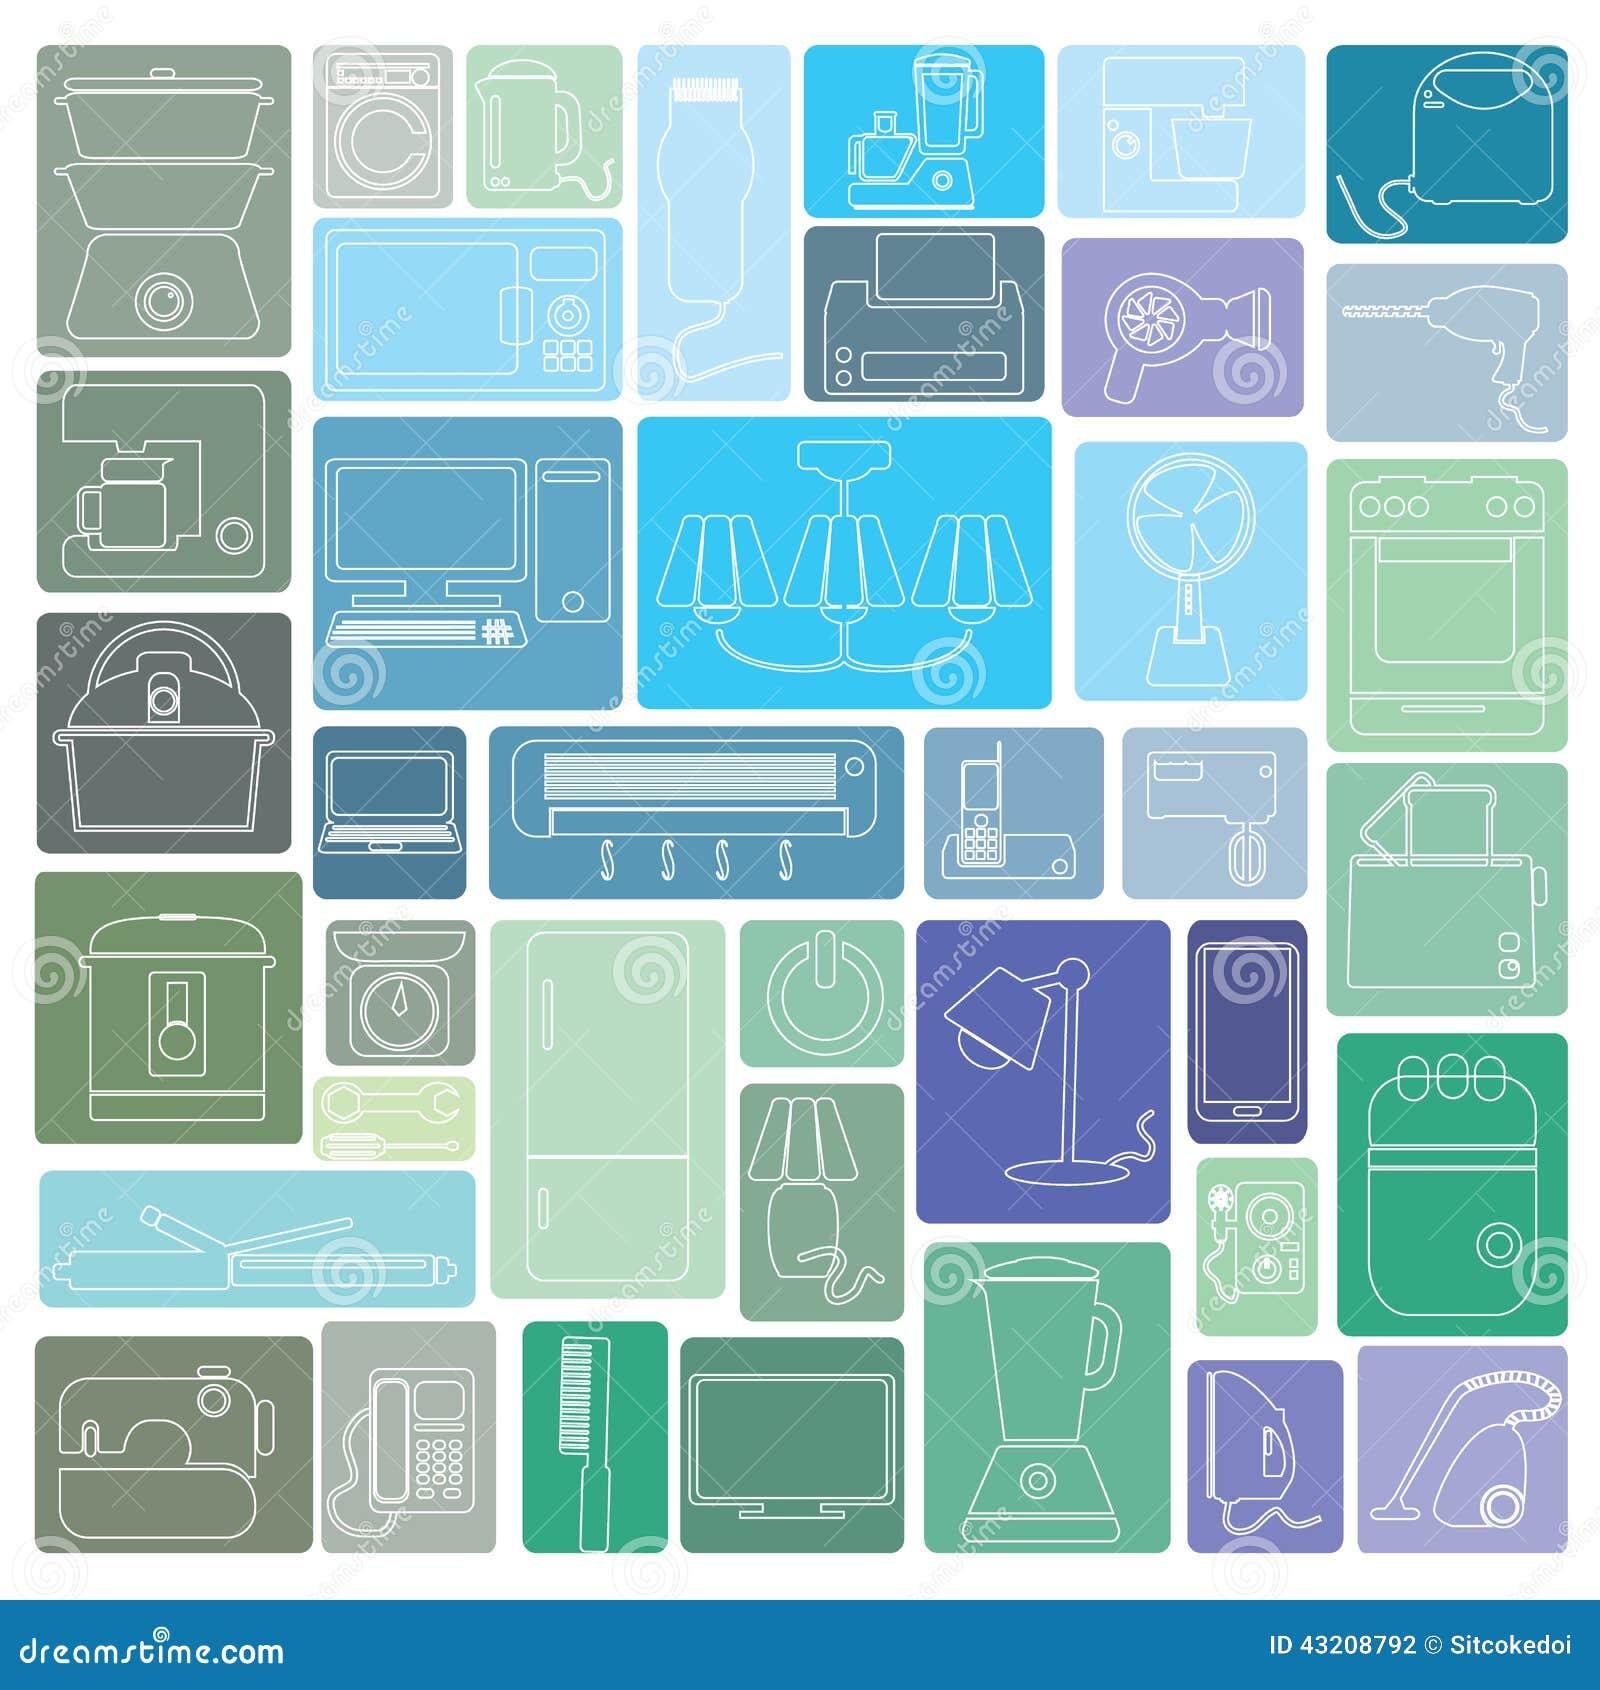 Download Appliance3 vektor illustrationer. Illustration av järn - 43208792